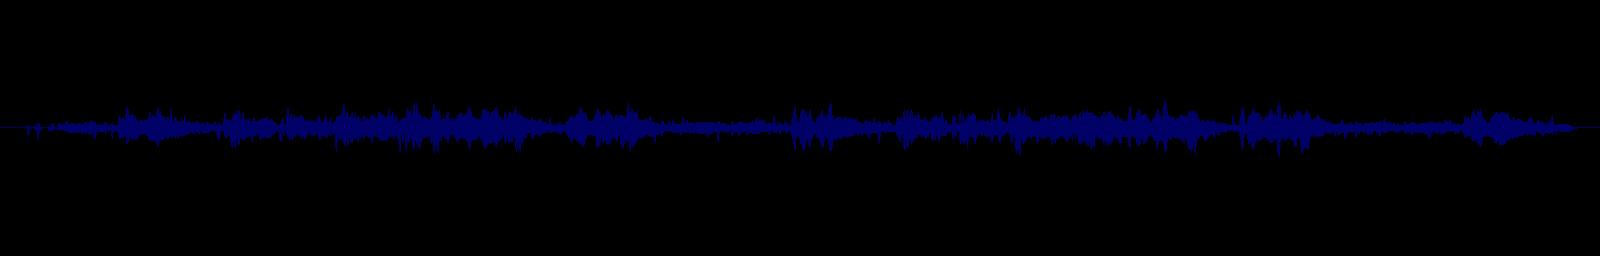 waveform of track #150820